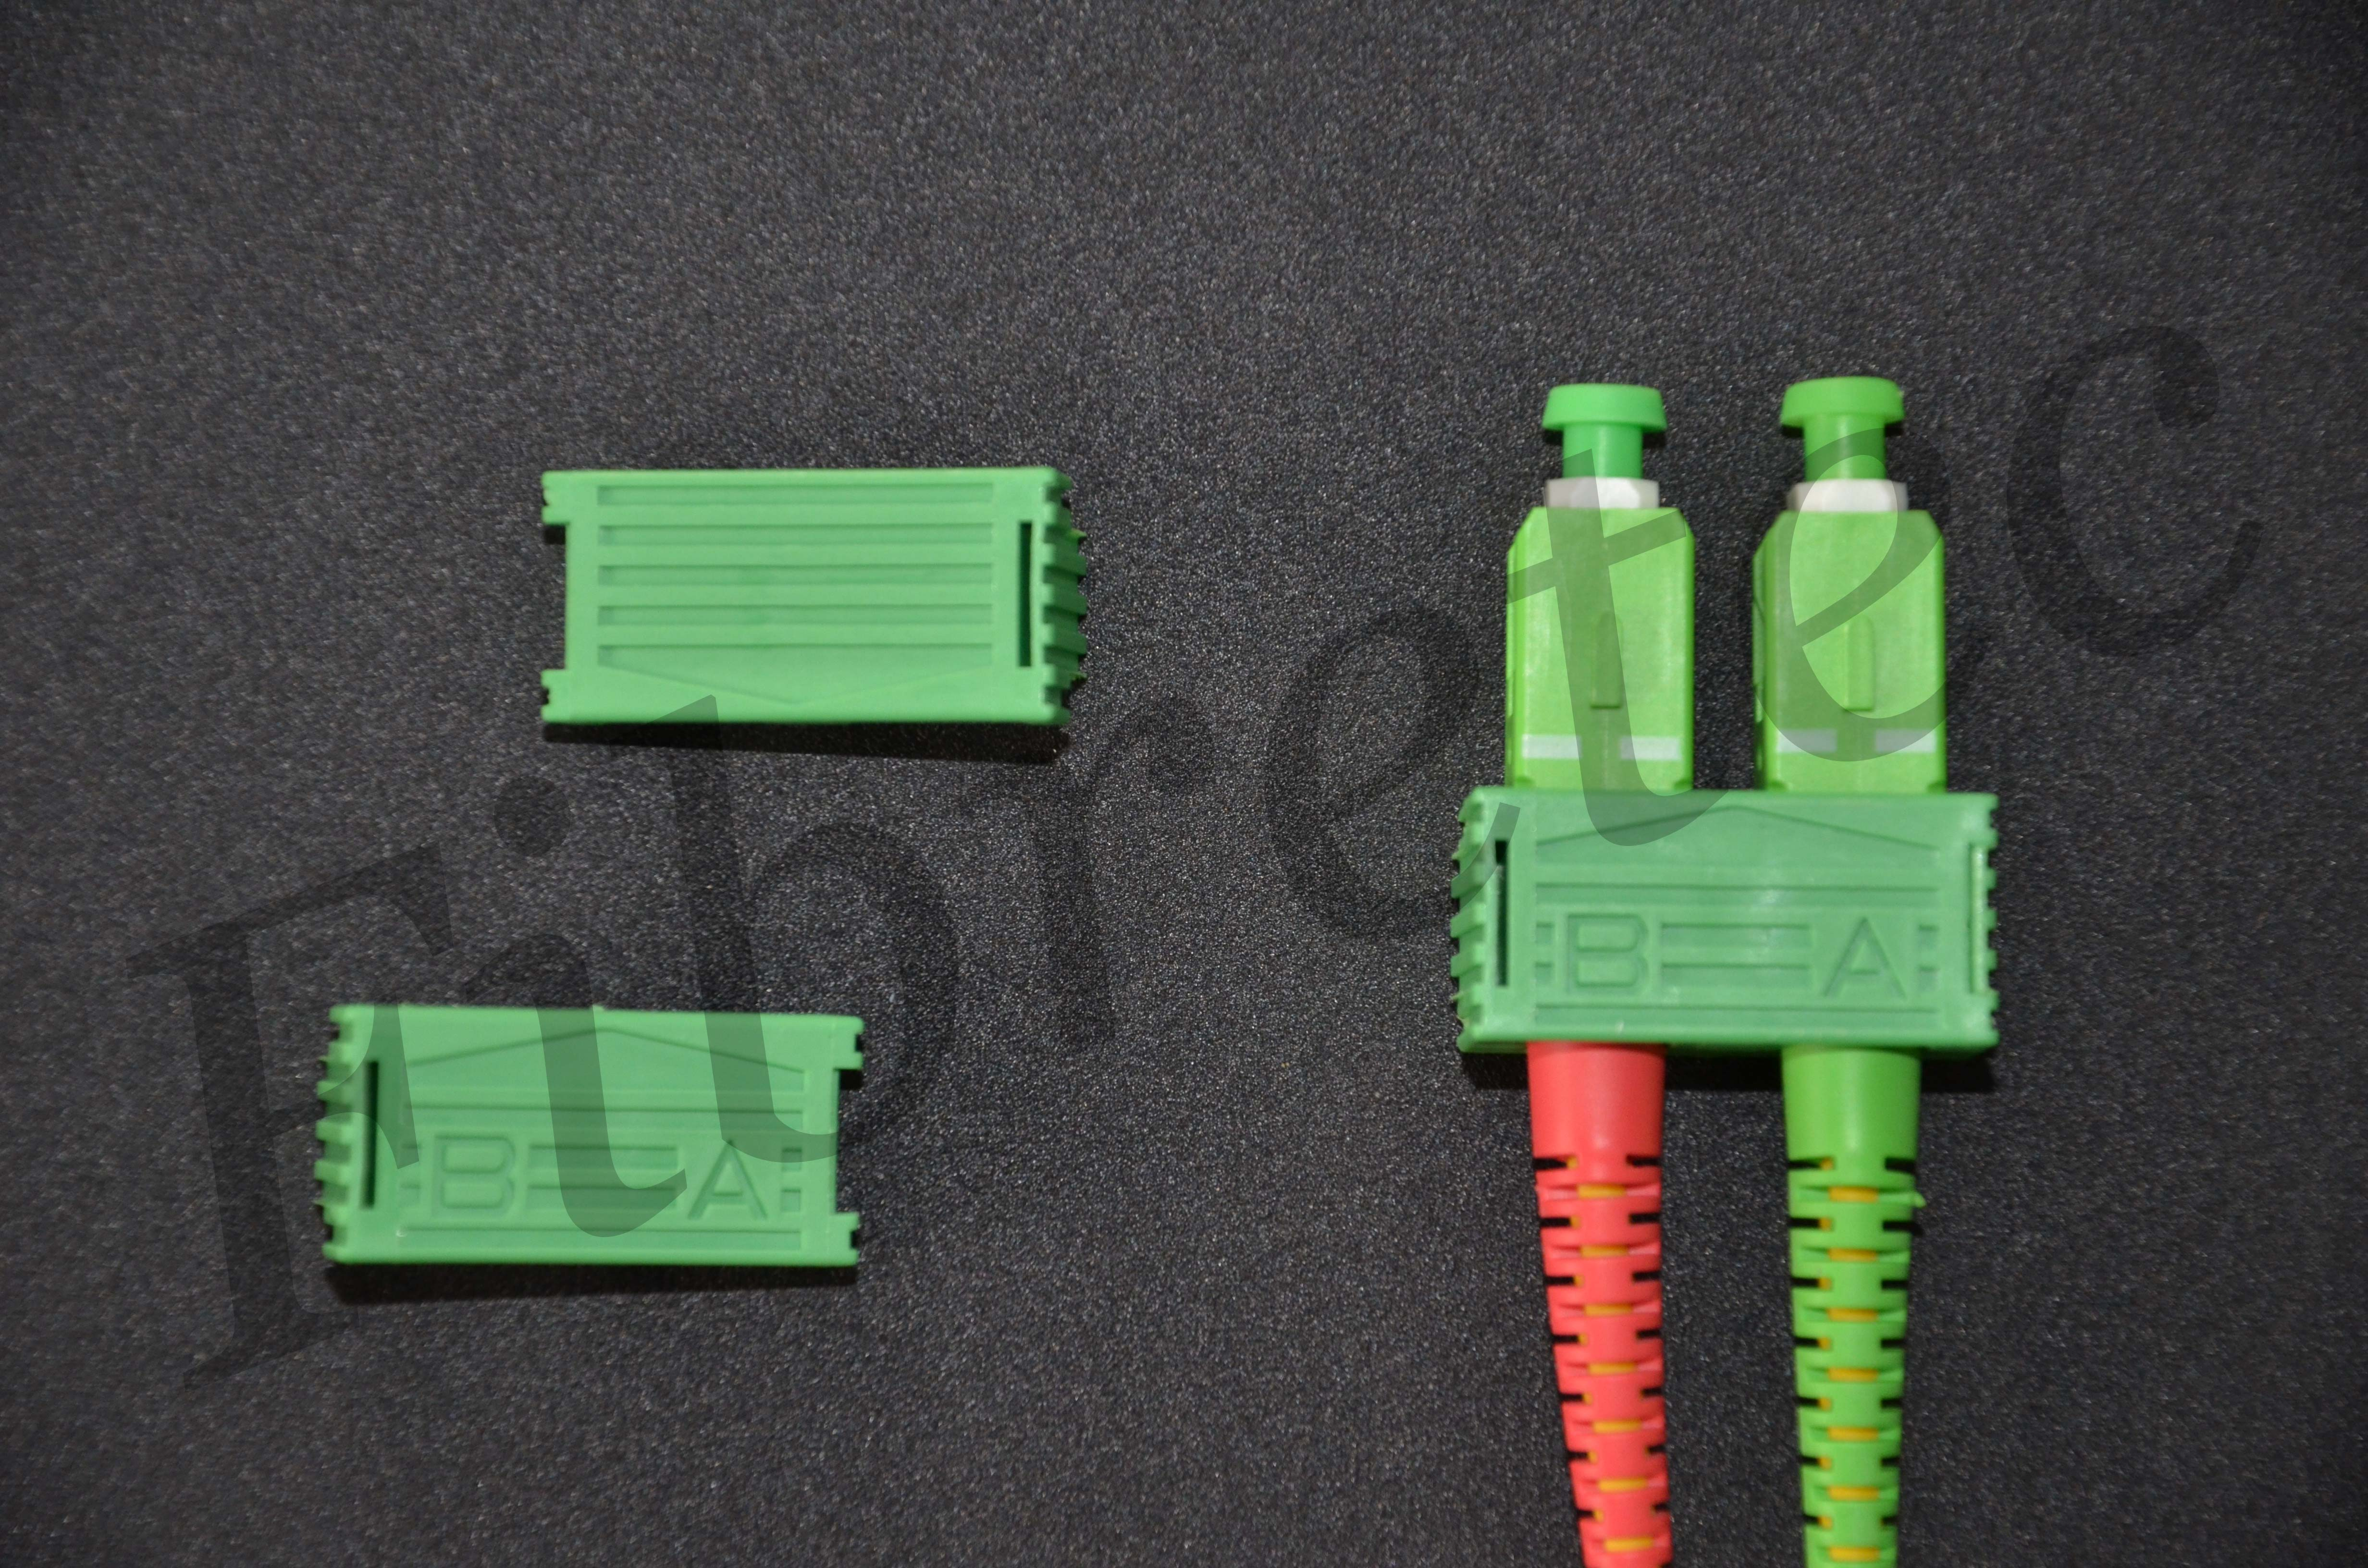 Bracelets d'accouplement pour connecteurs SCAPC monomode